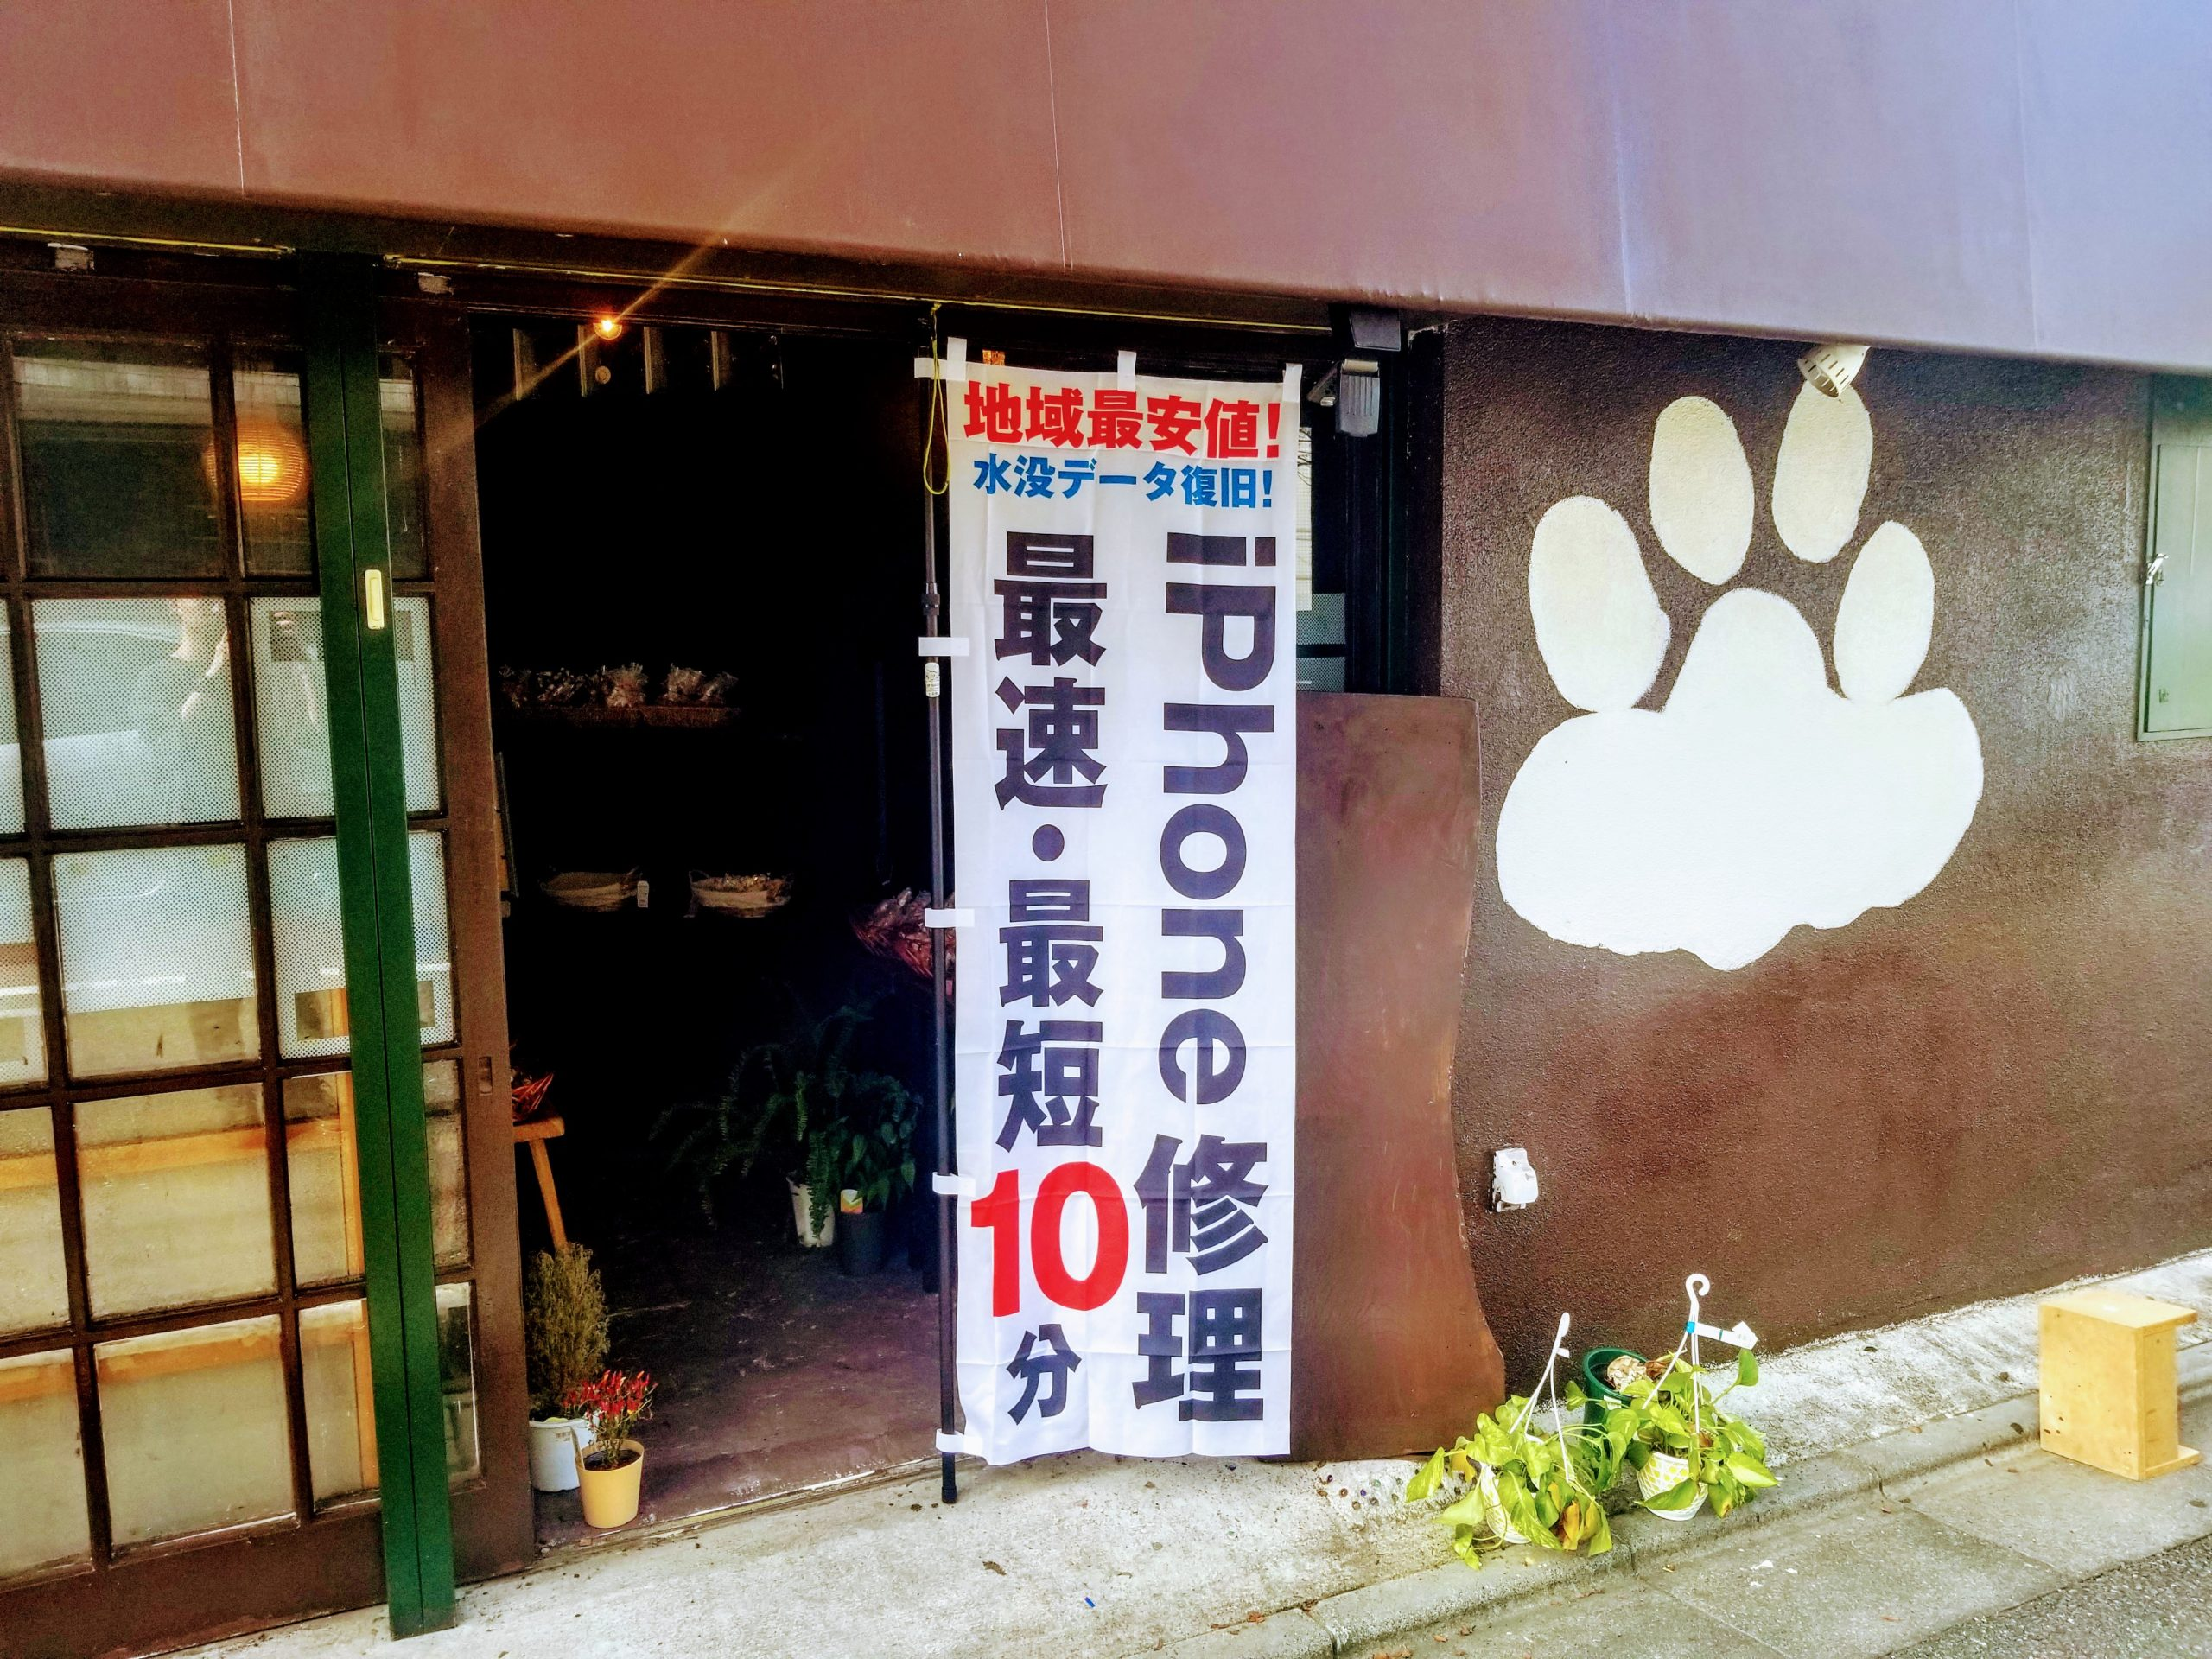 経堂店イメージ画像1